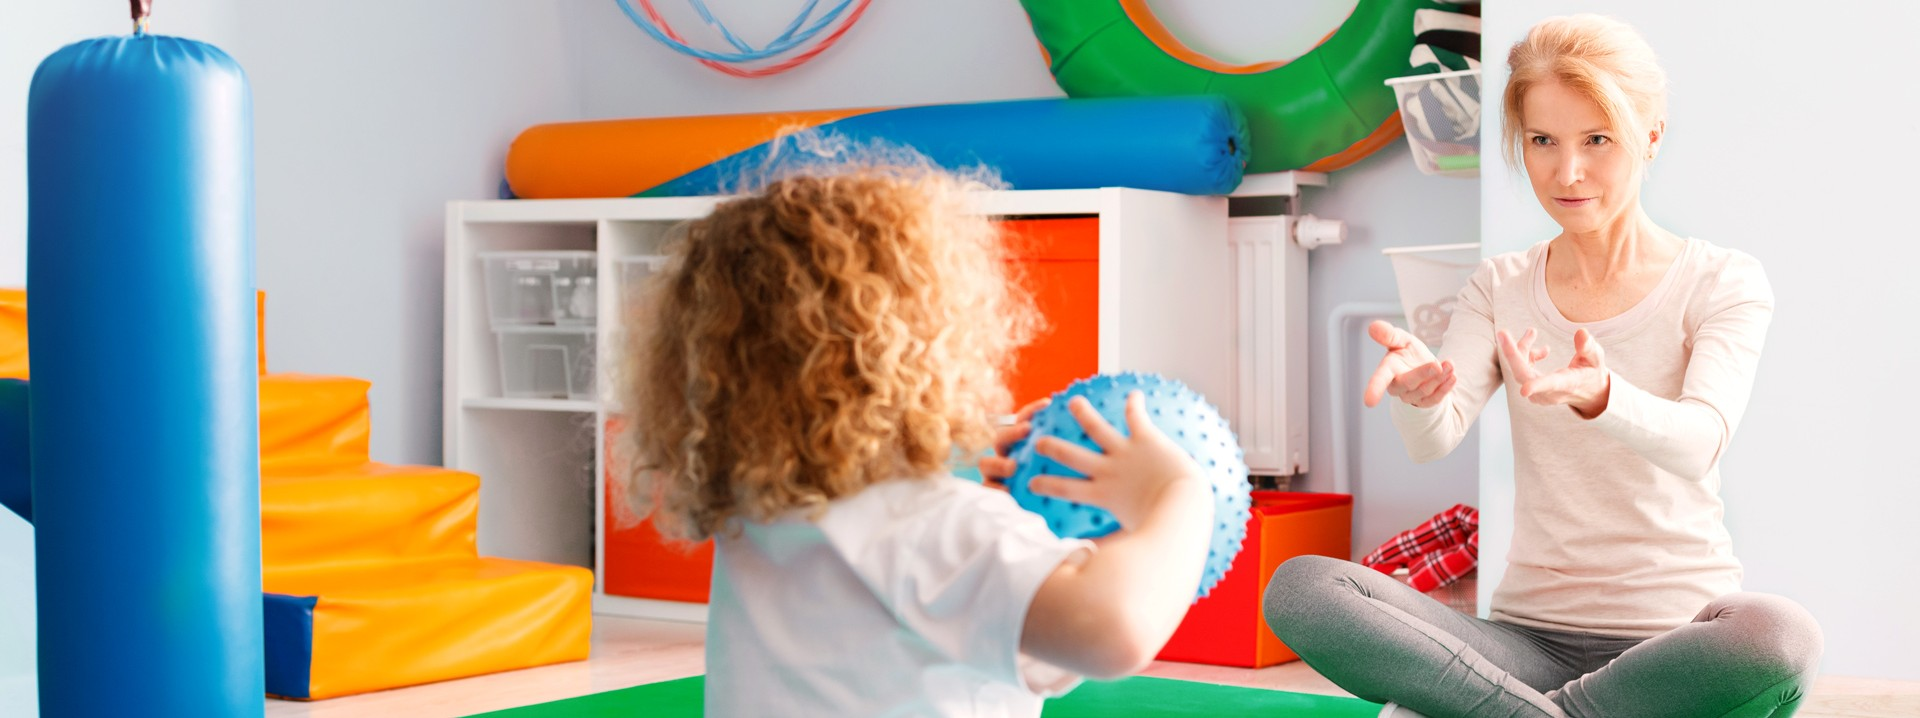 Kind und Ergotherapeutin werfen sich einen Ball zu.